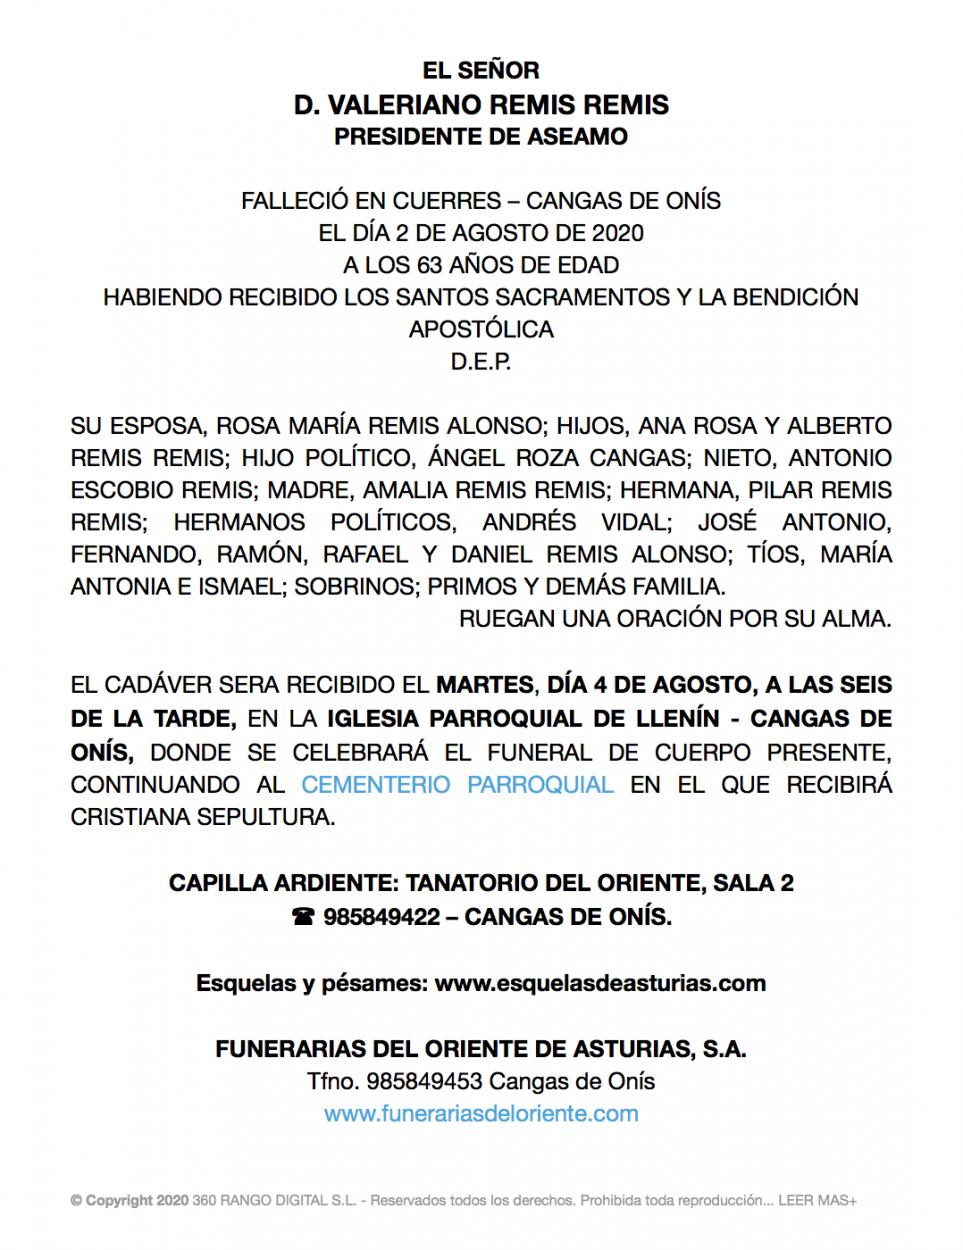 Fallece a los 63 años de edad Valeriano Remis, ganadero de Cangas de Onís y presidente de ASEAMO